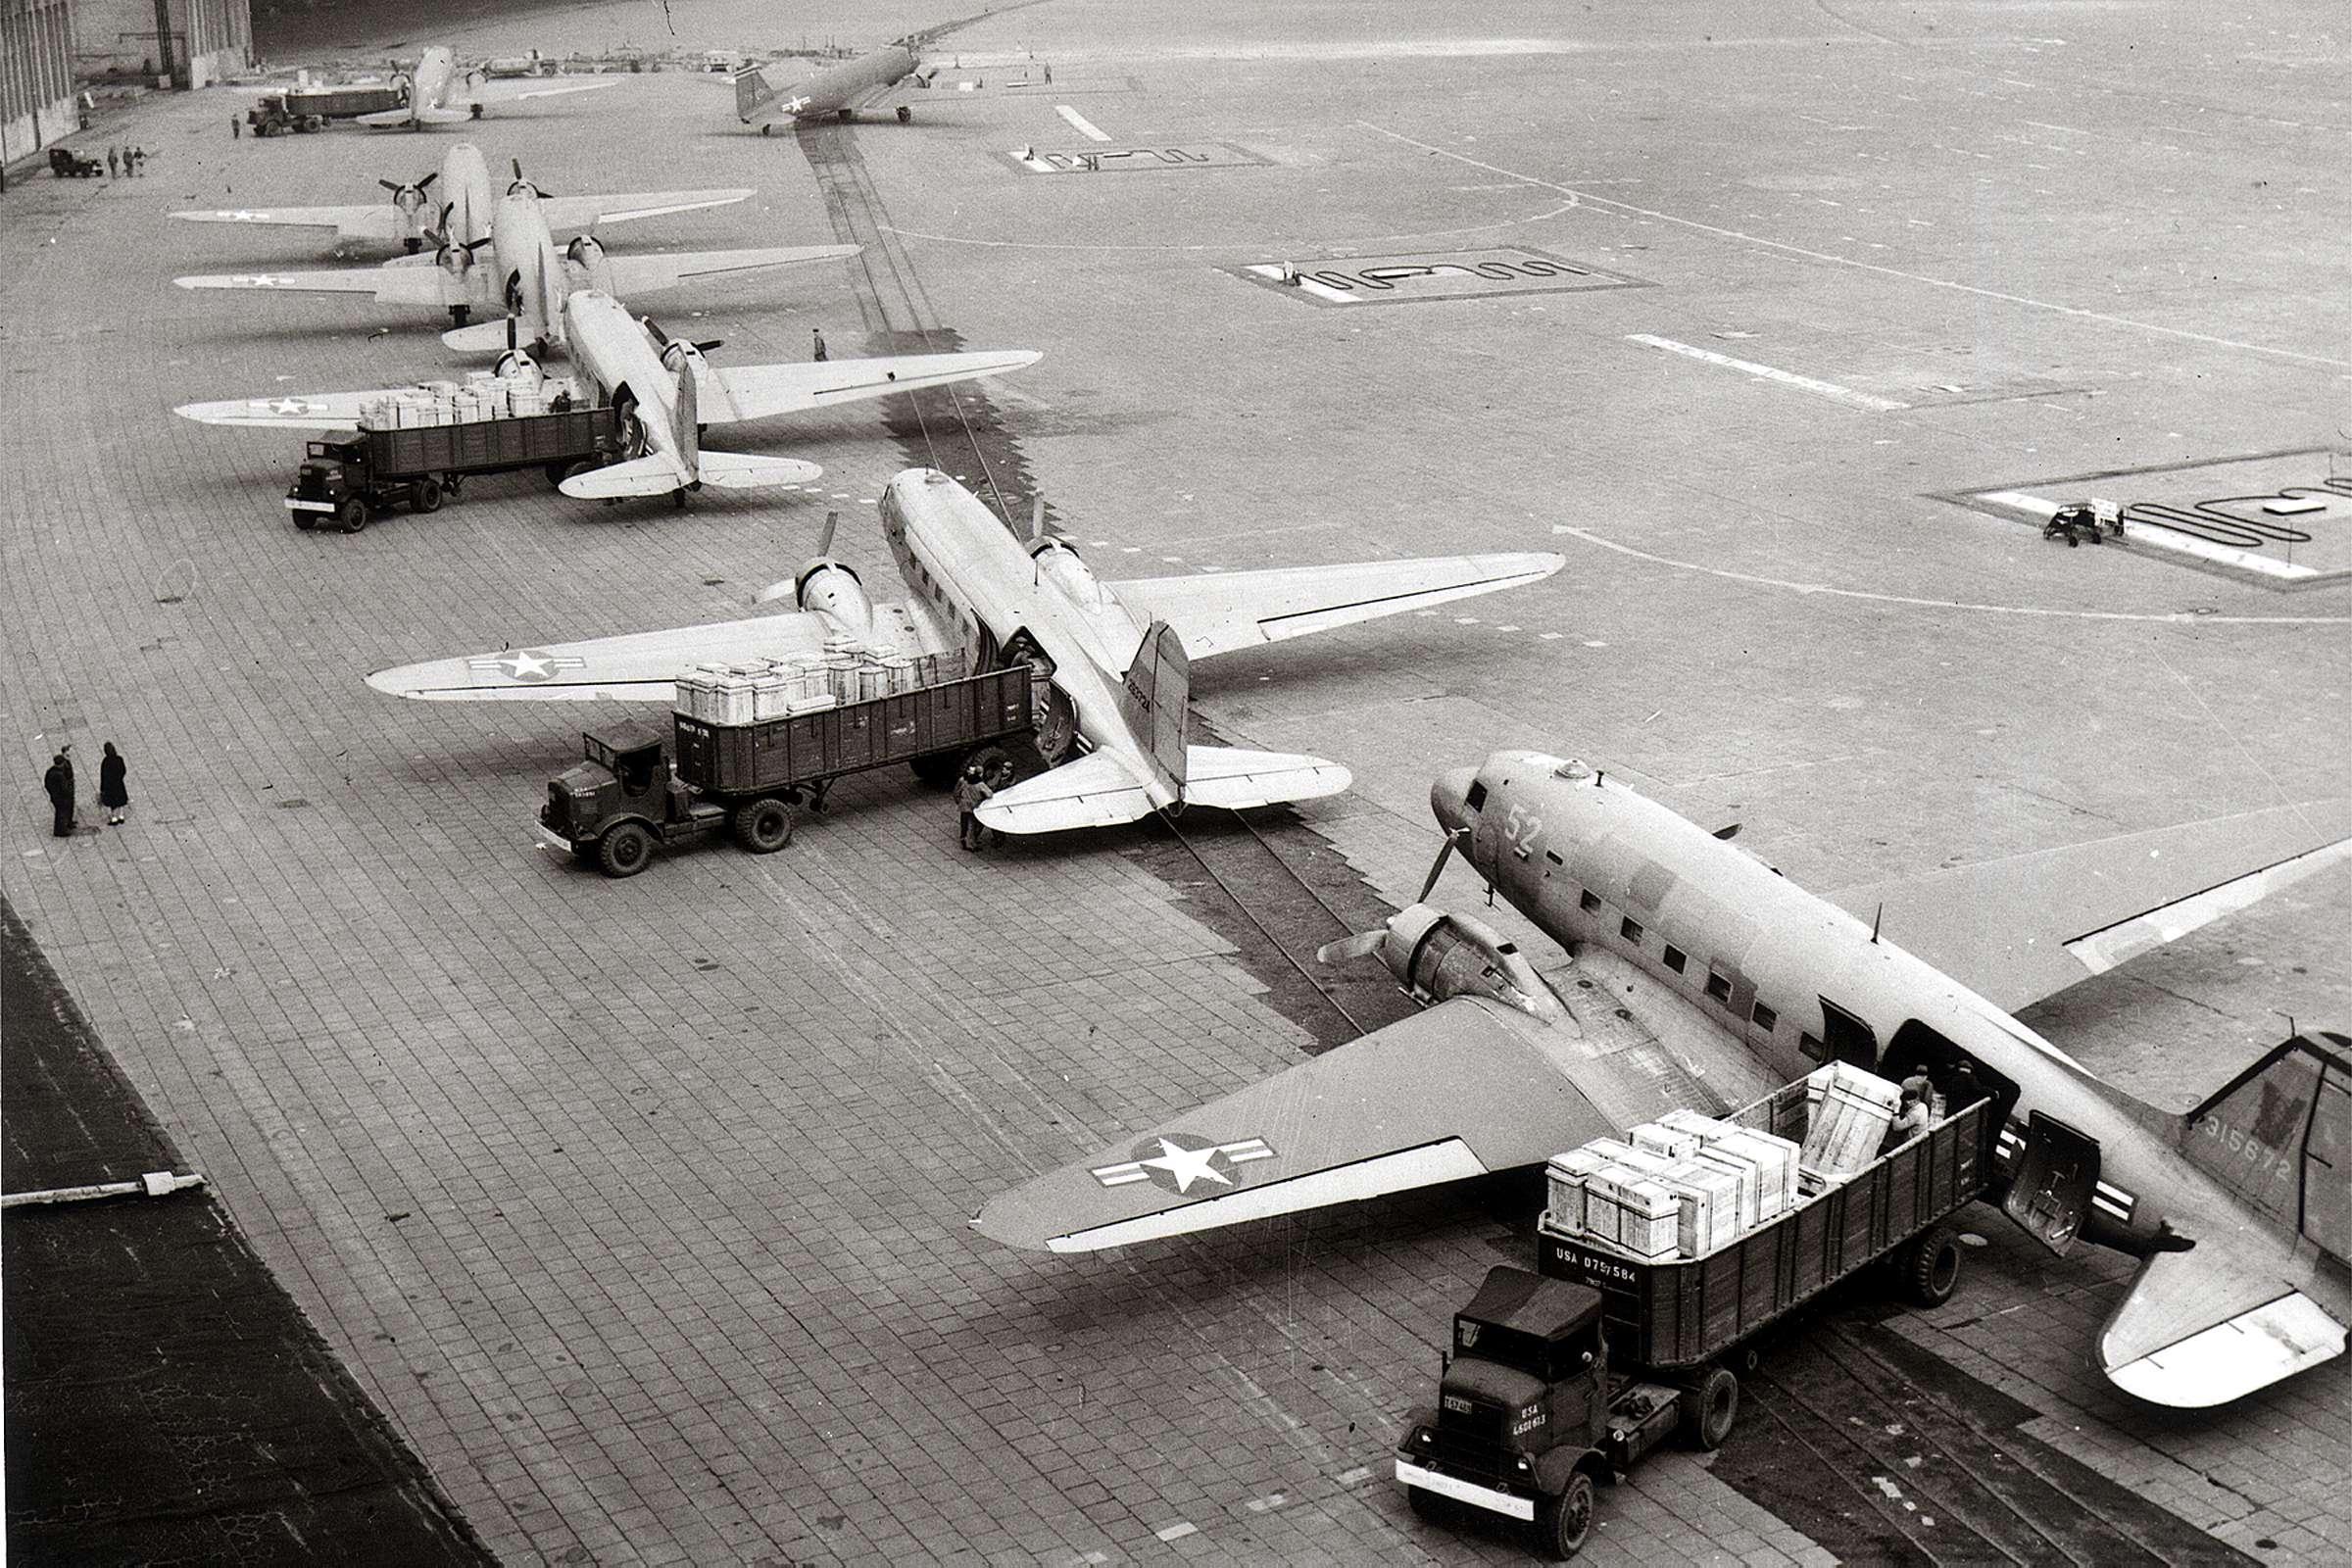 TEMPELHOF - Tempelhof